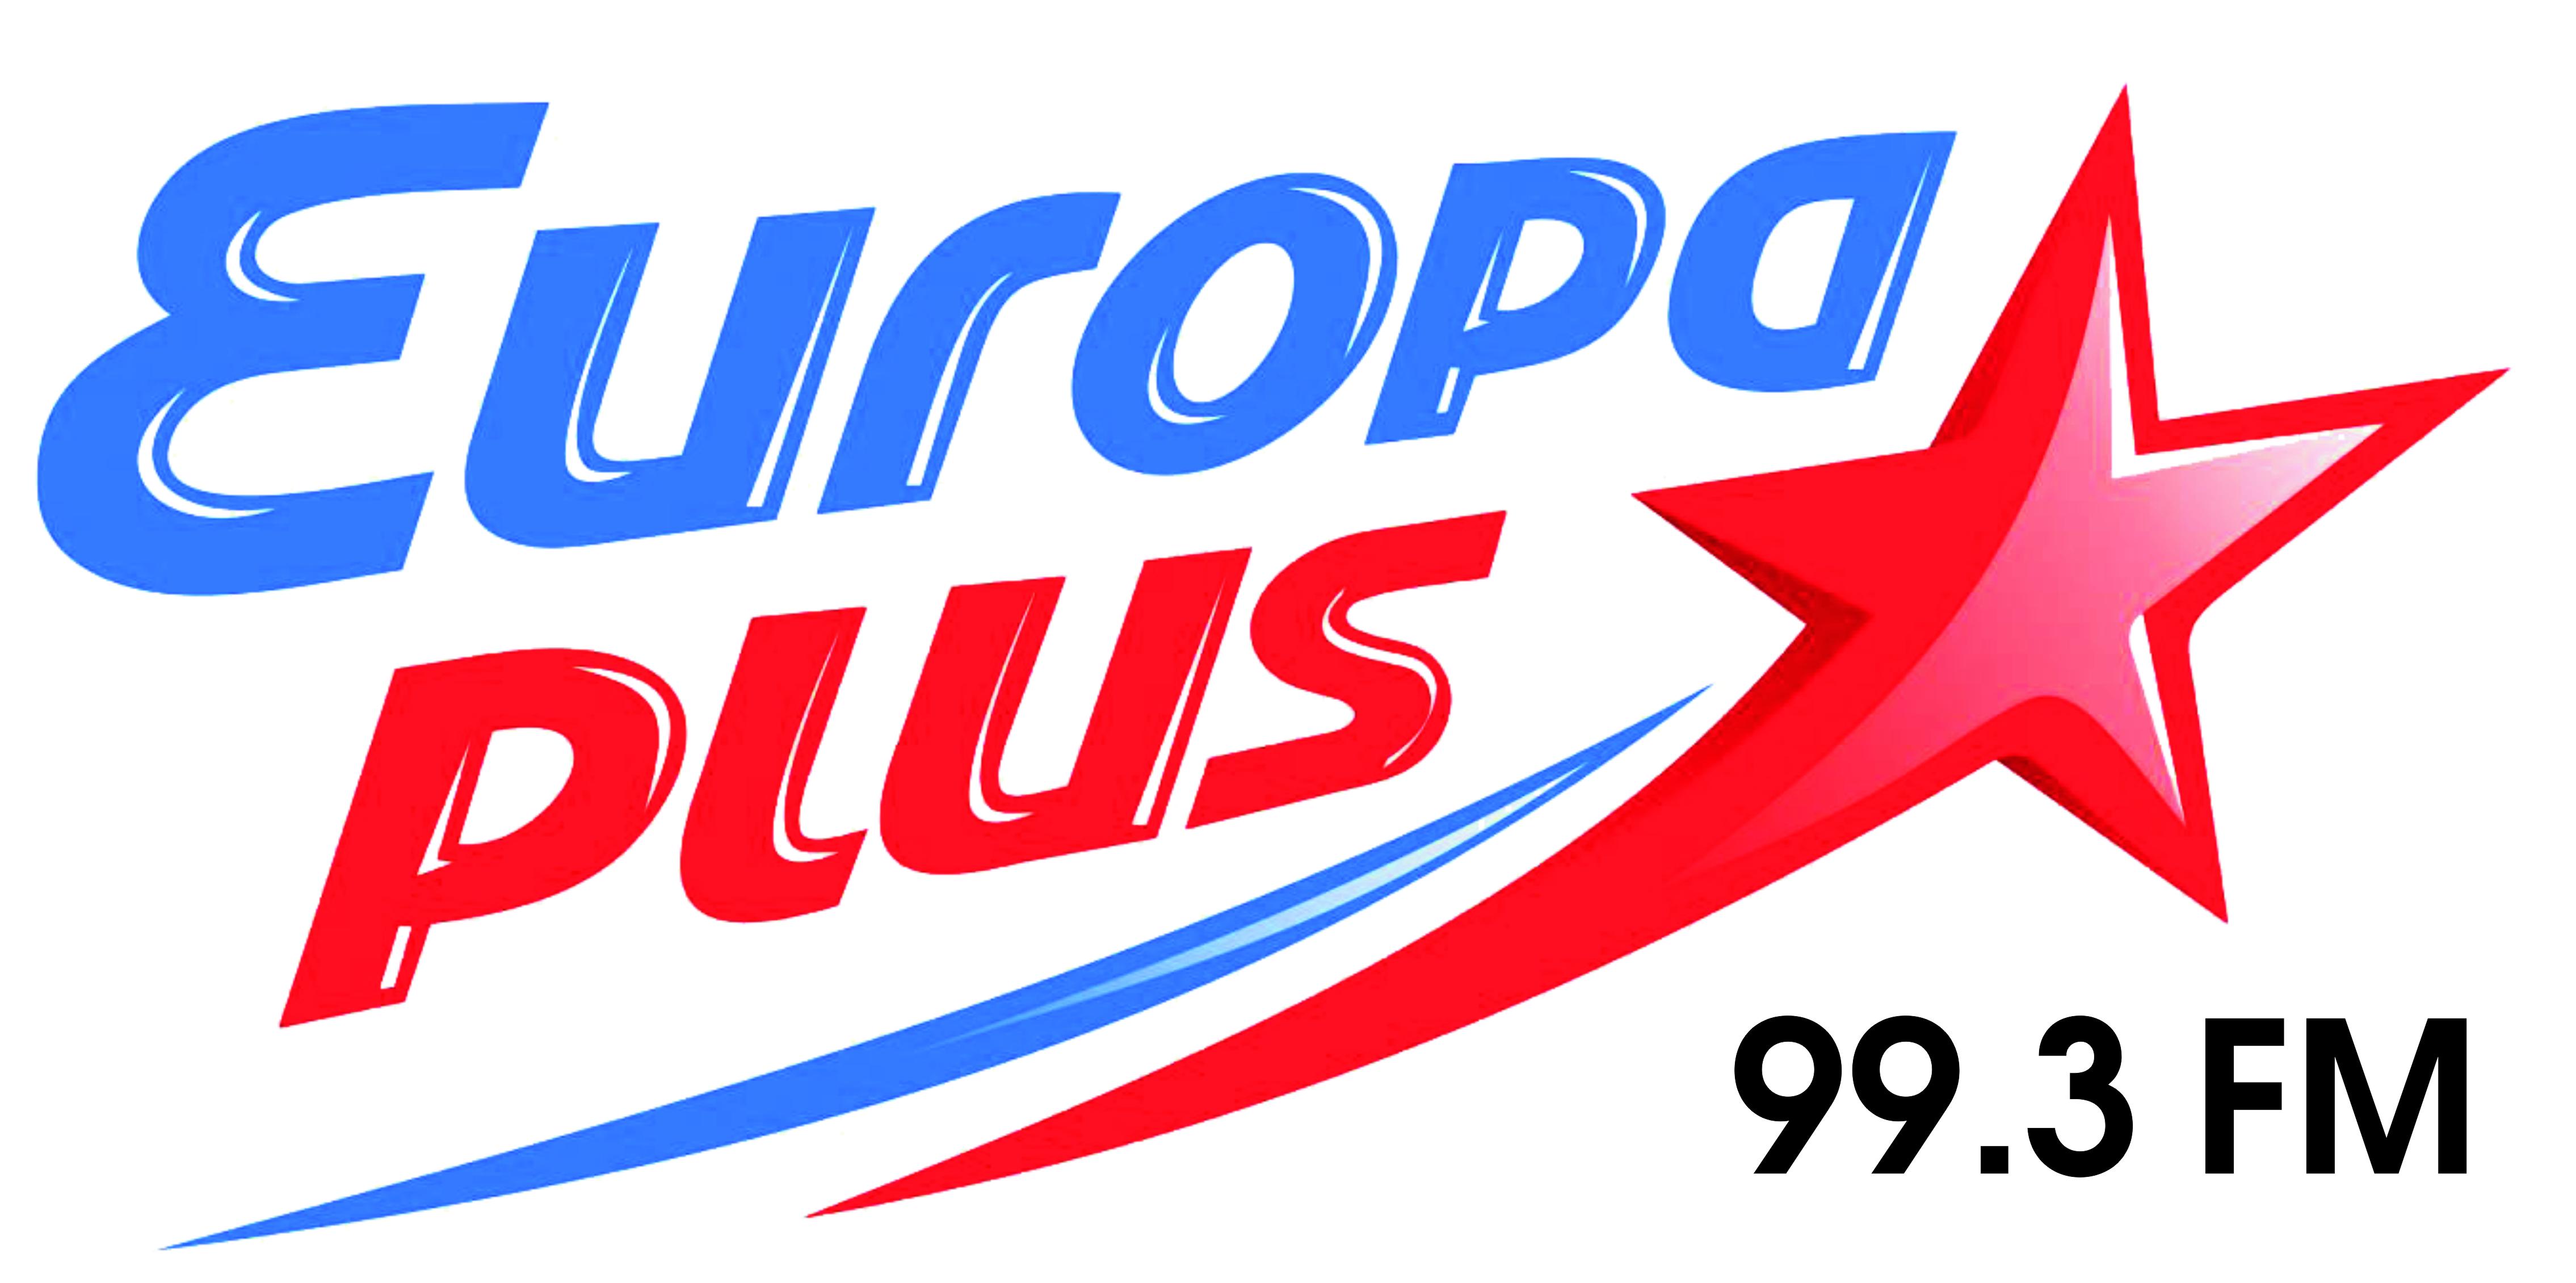 smotret-kanal-evropa-plyus